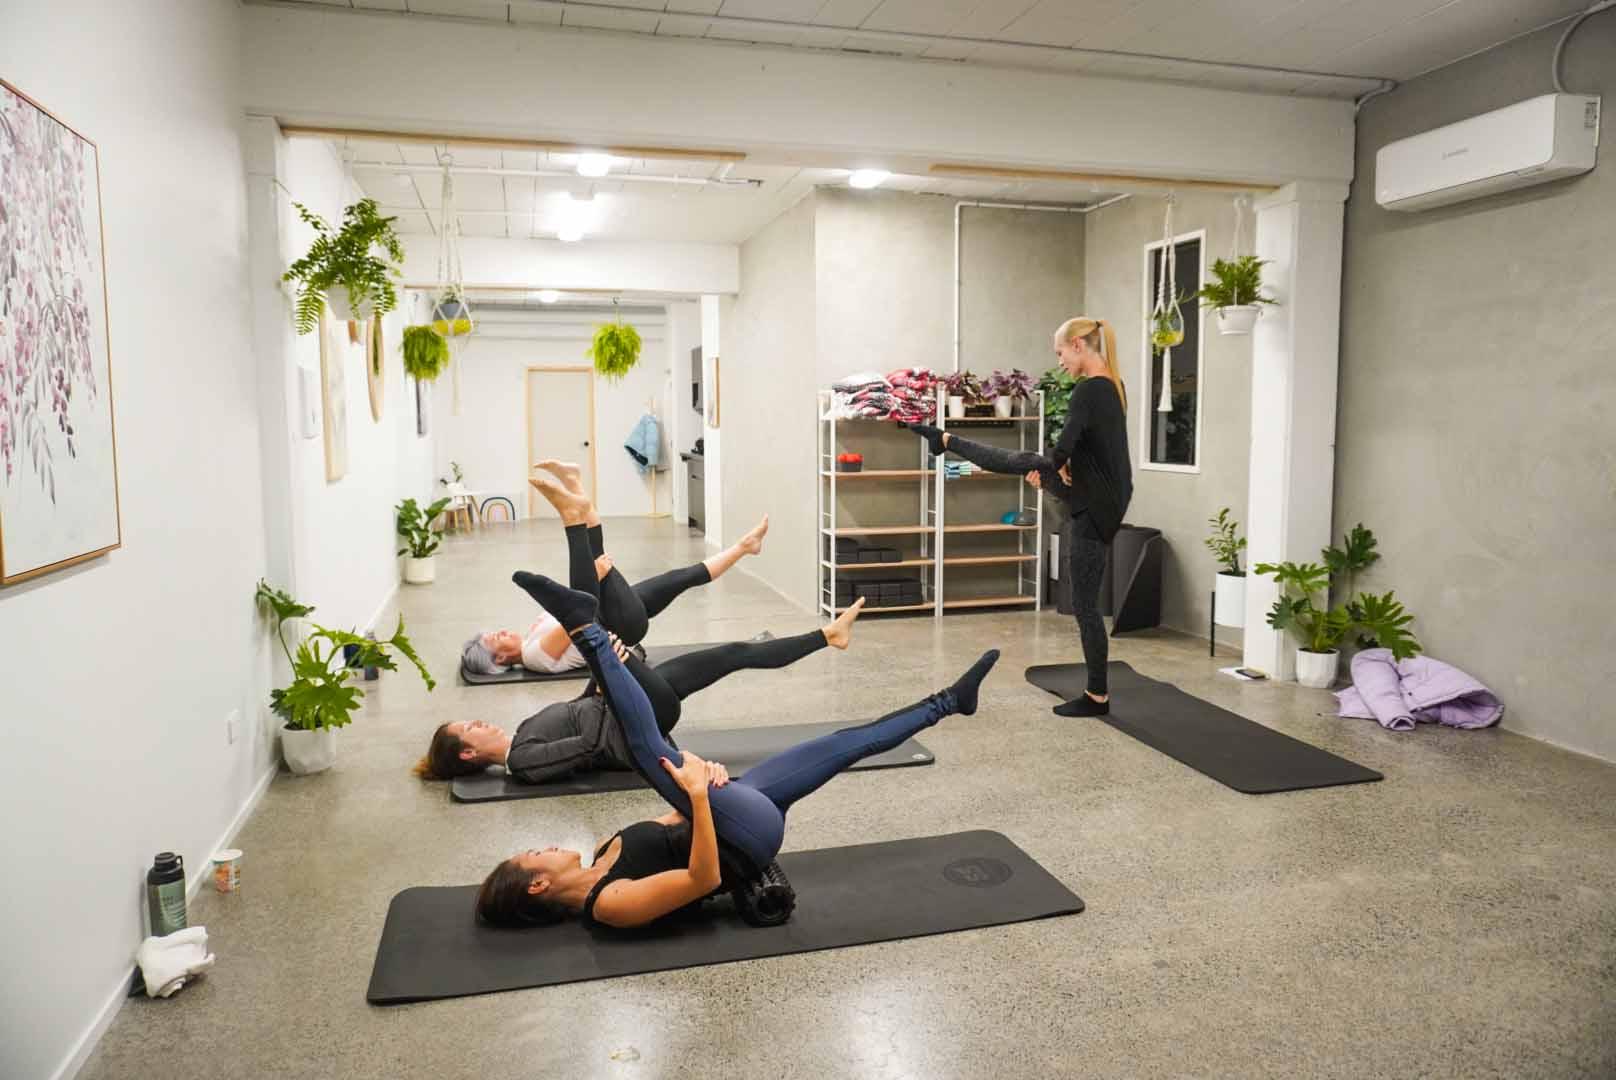 Northcote Pilates